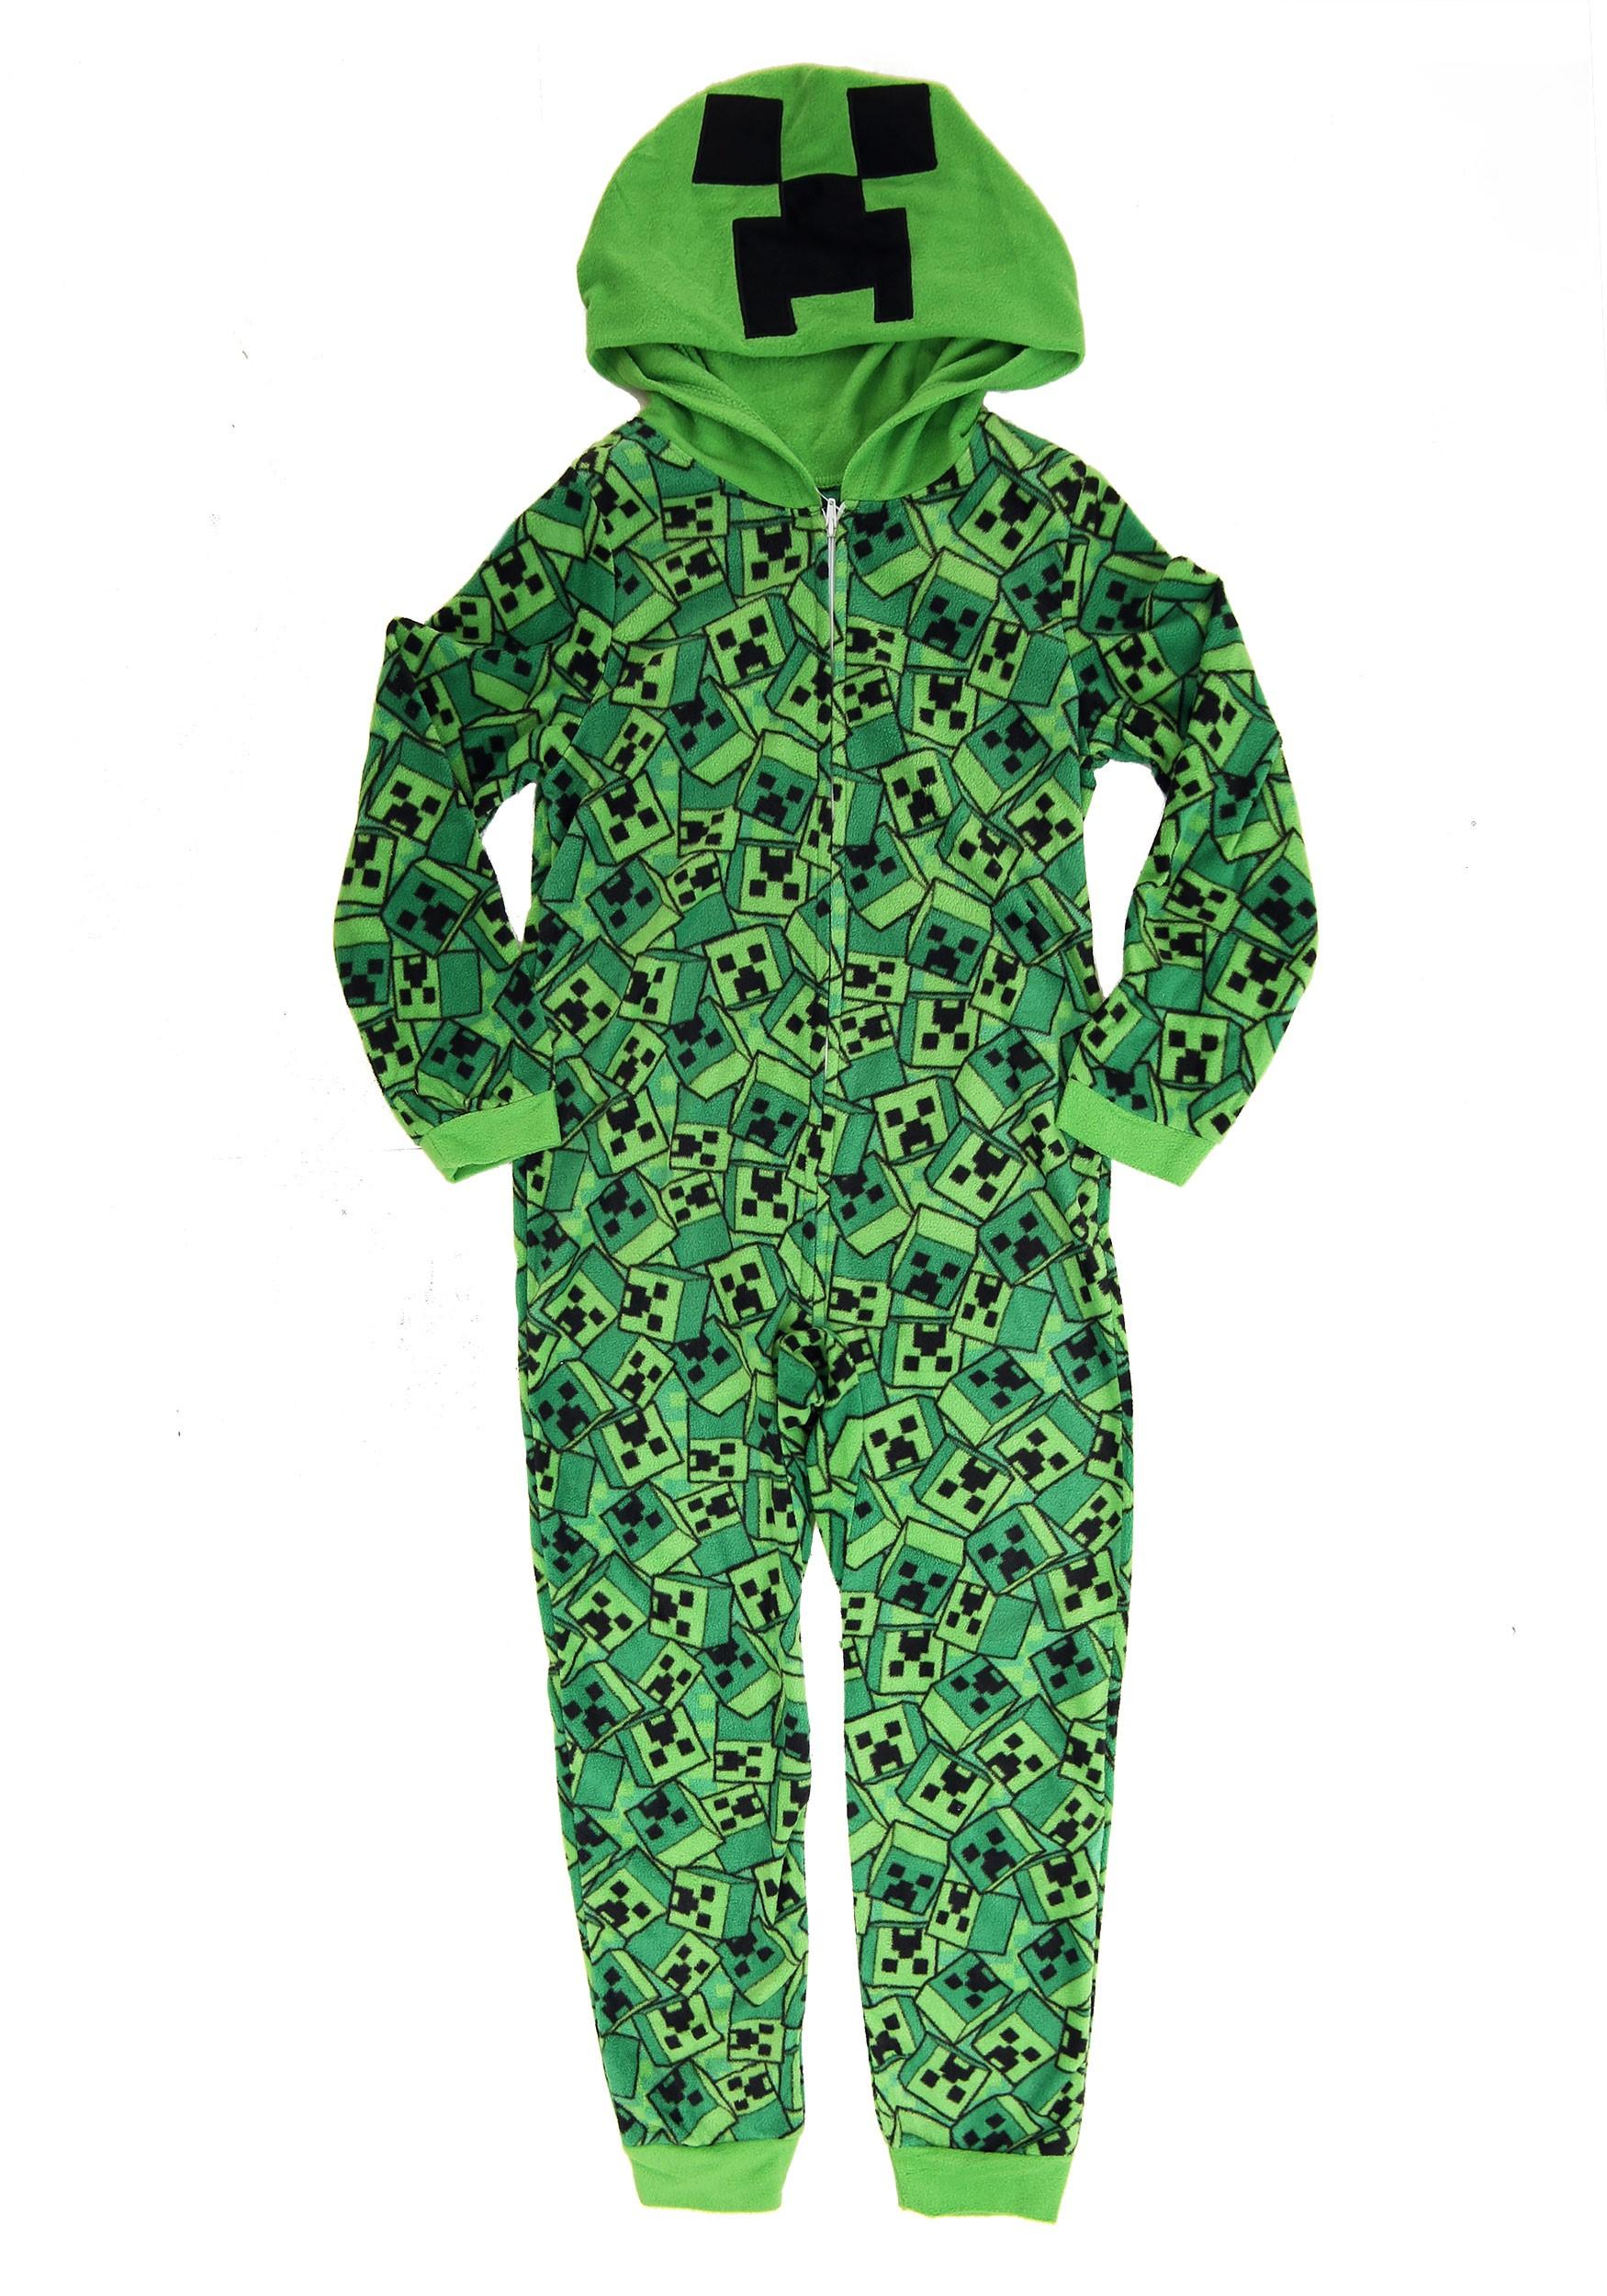 Minecraft Union Onesie Suit